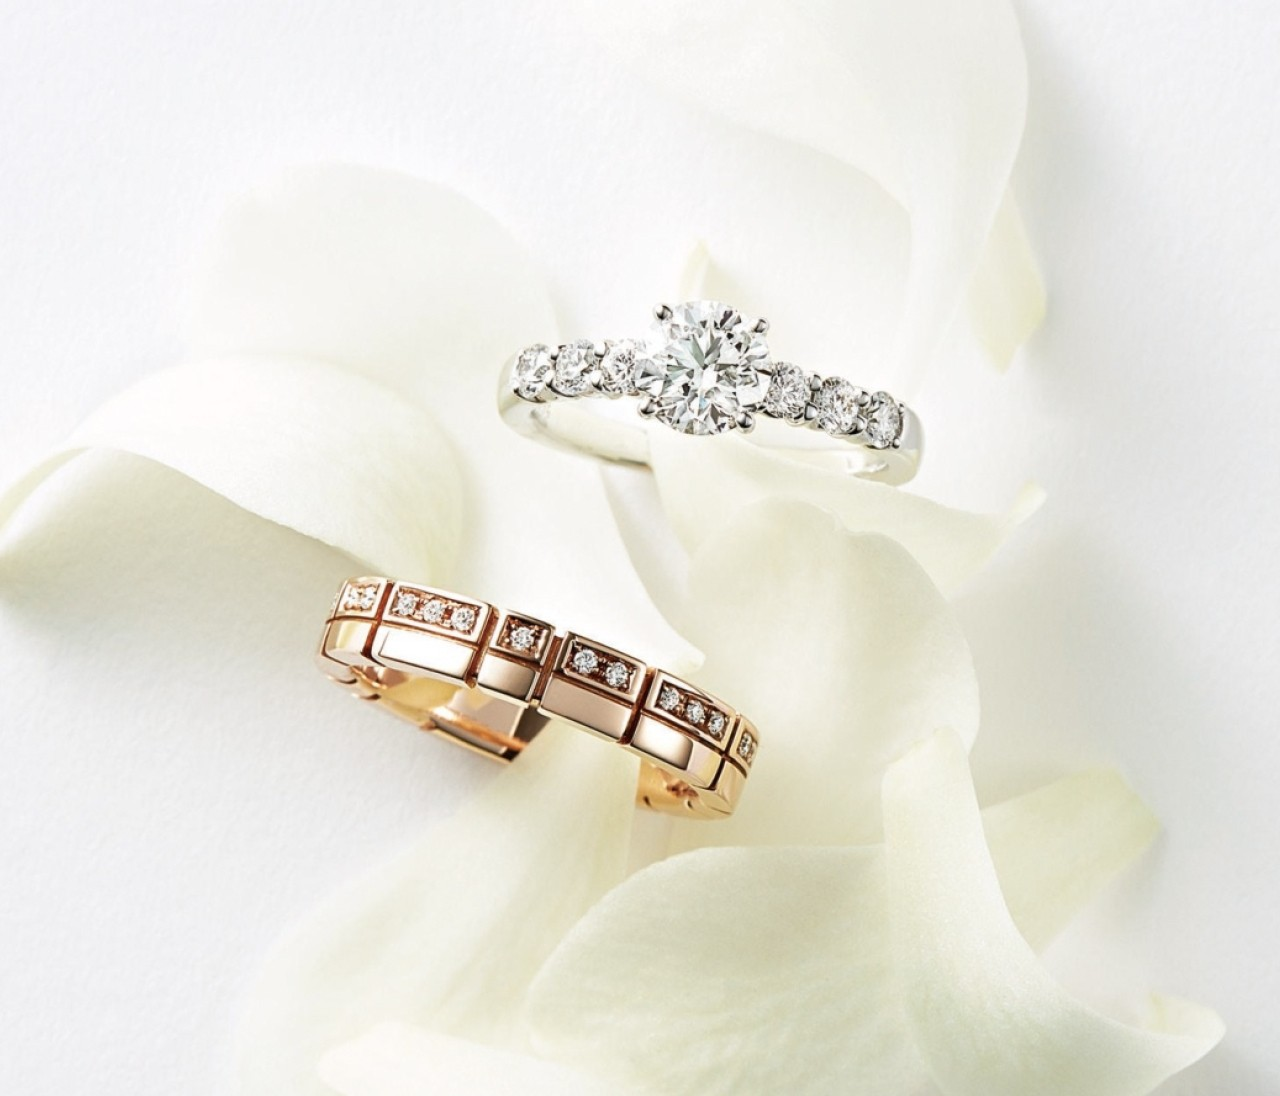 【タサキの結婚指輪&婚約指輪】クラシックからモダンまで多彩なデザイン